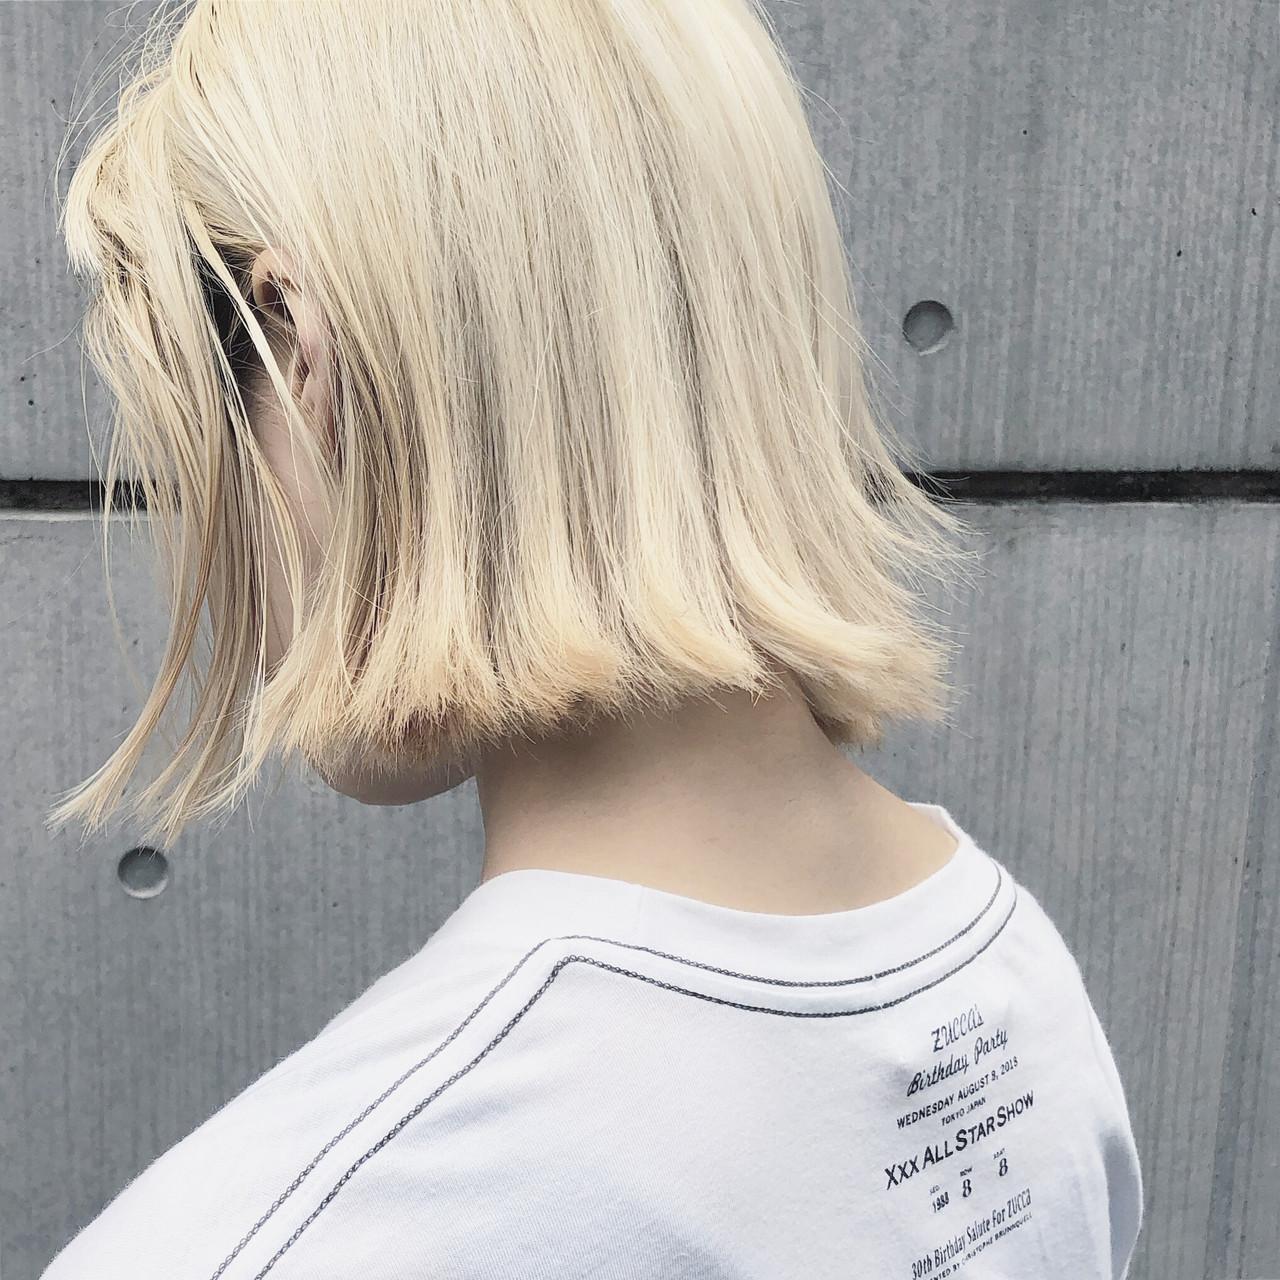 ミニボブ ヘアカラー デート 切りっぱなしボブ ヘアスタイルや髪型の写真・画像 | 篠崎 佑介 / ticro.